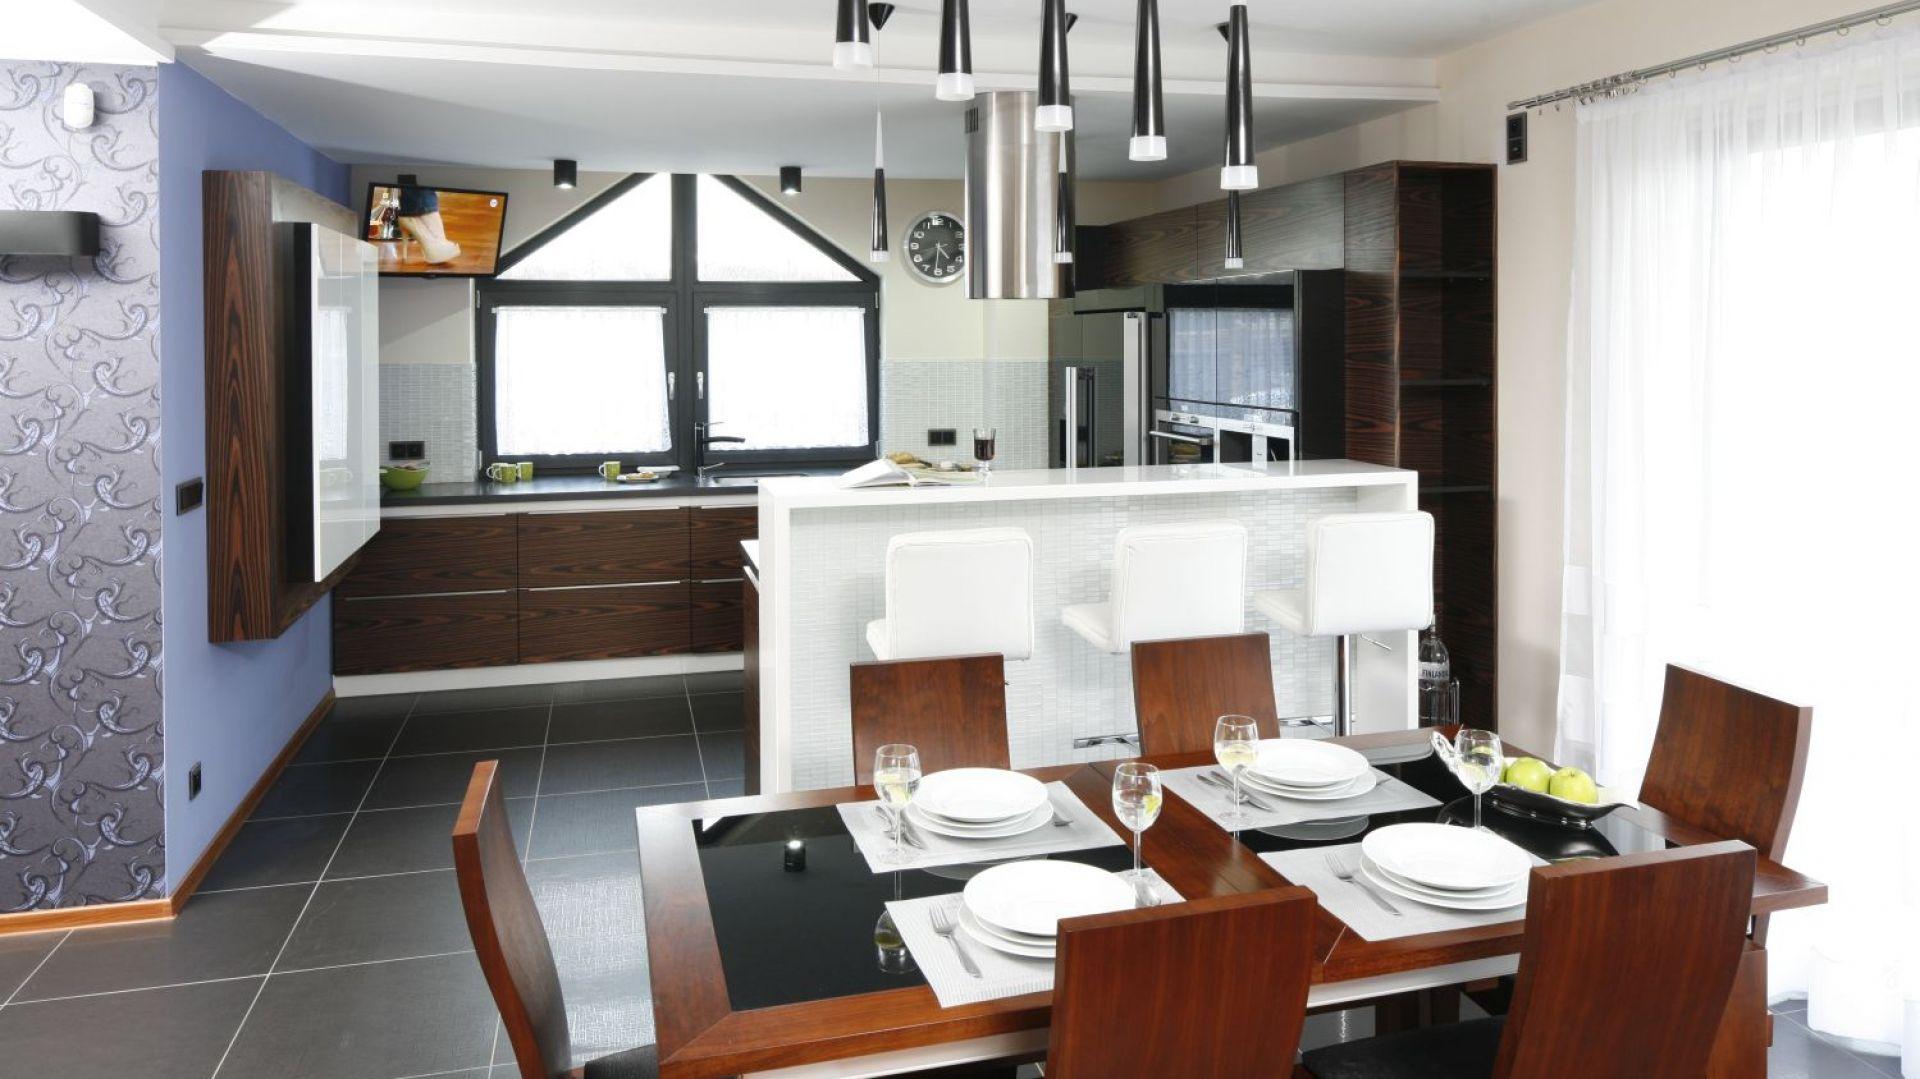 5 pomysłów na rodzinną kuchnię z jadalnią